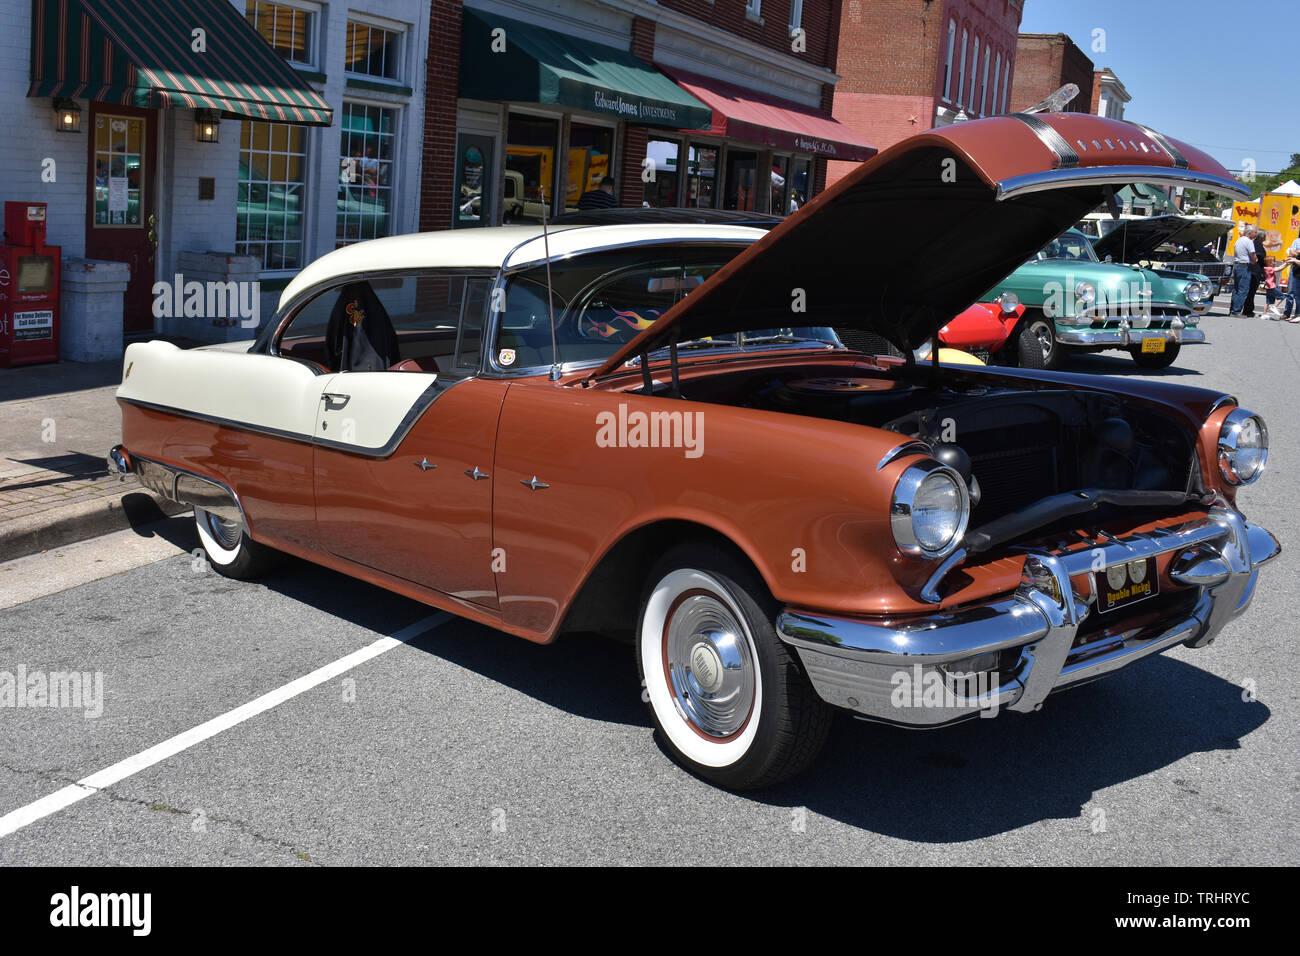 A 1955 Pontiac hard top at a car show. - Stock Image